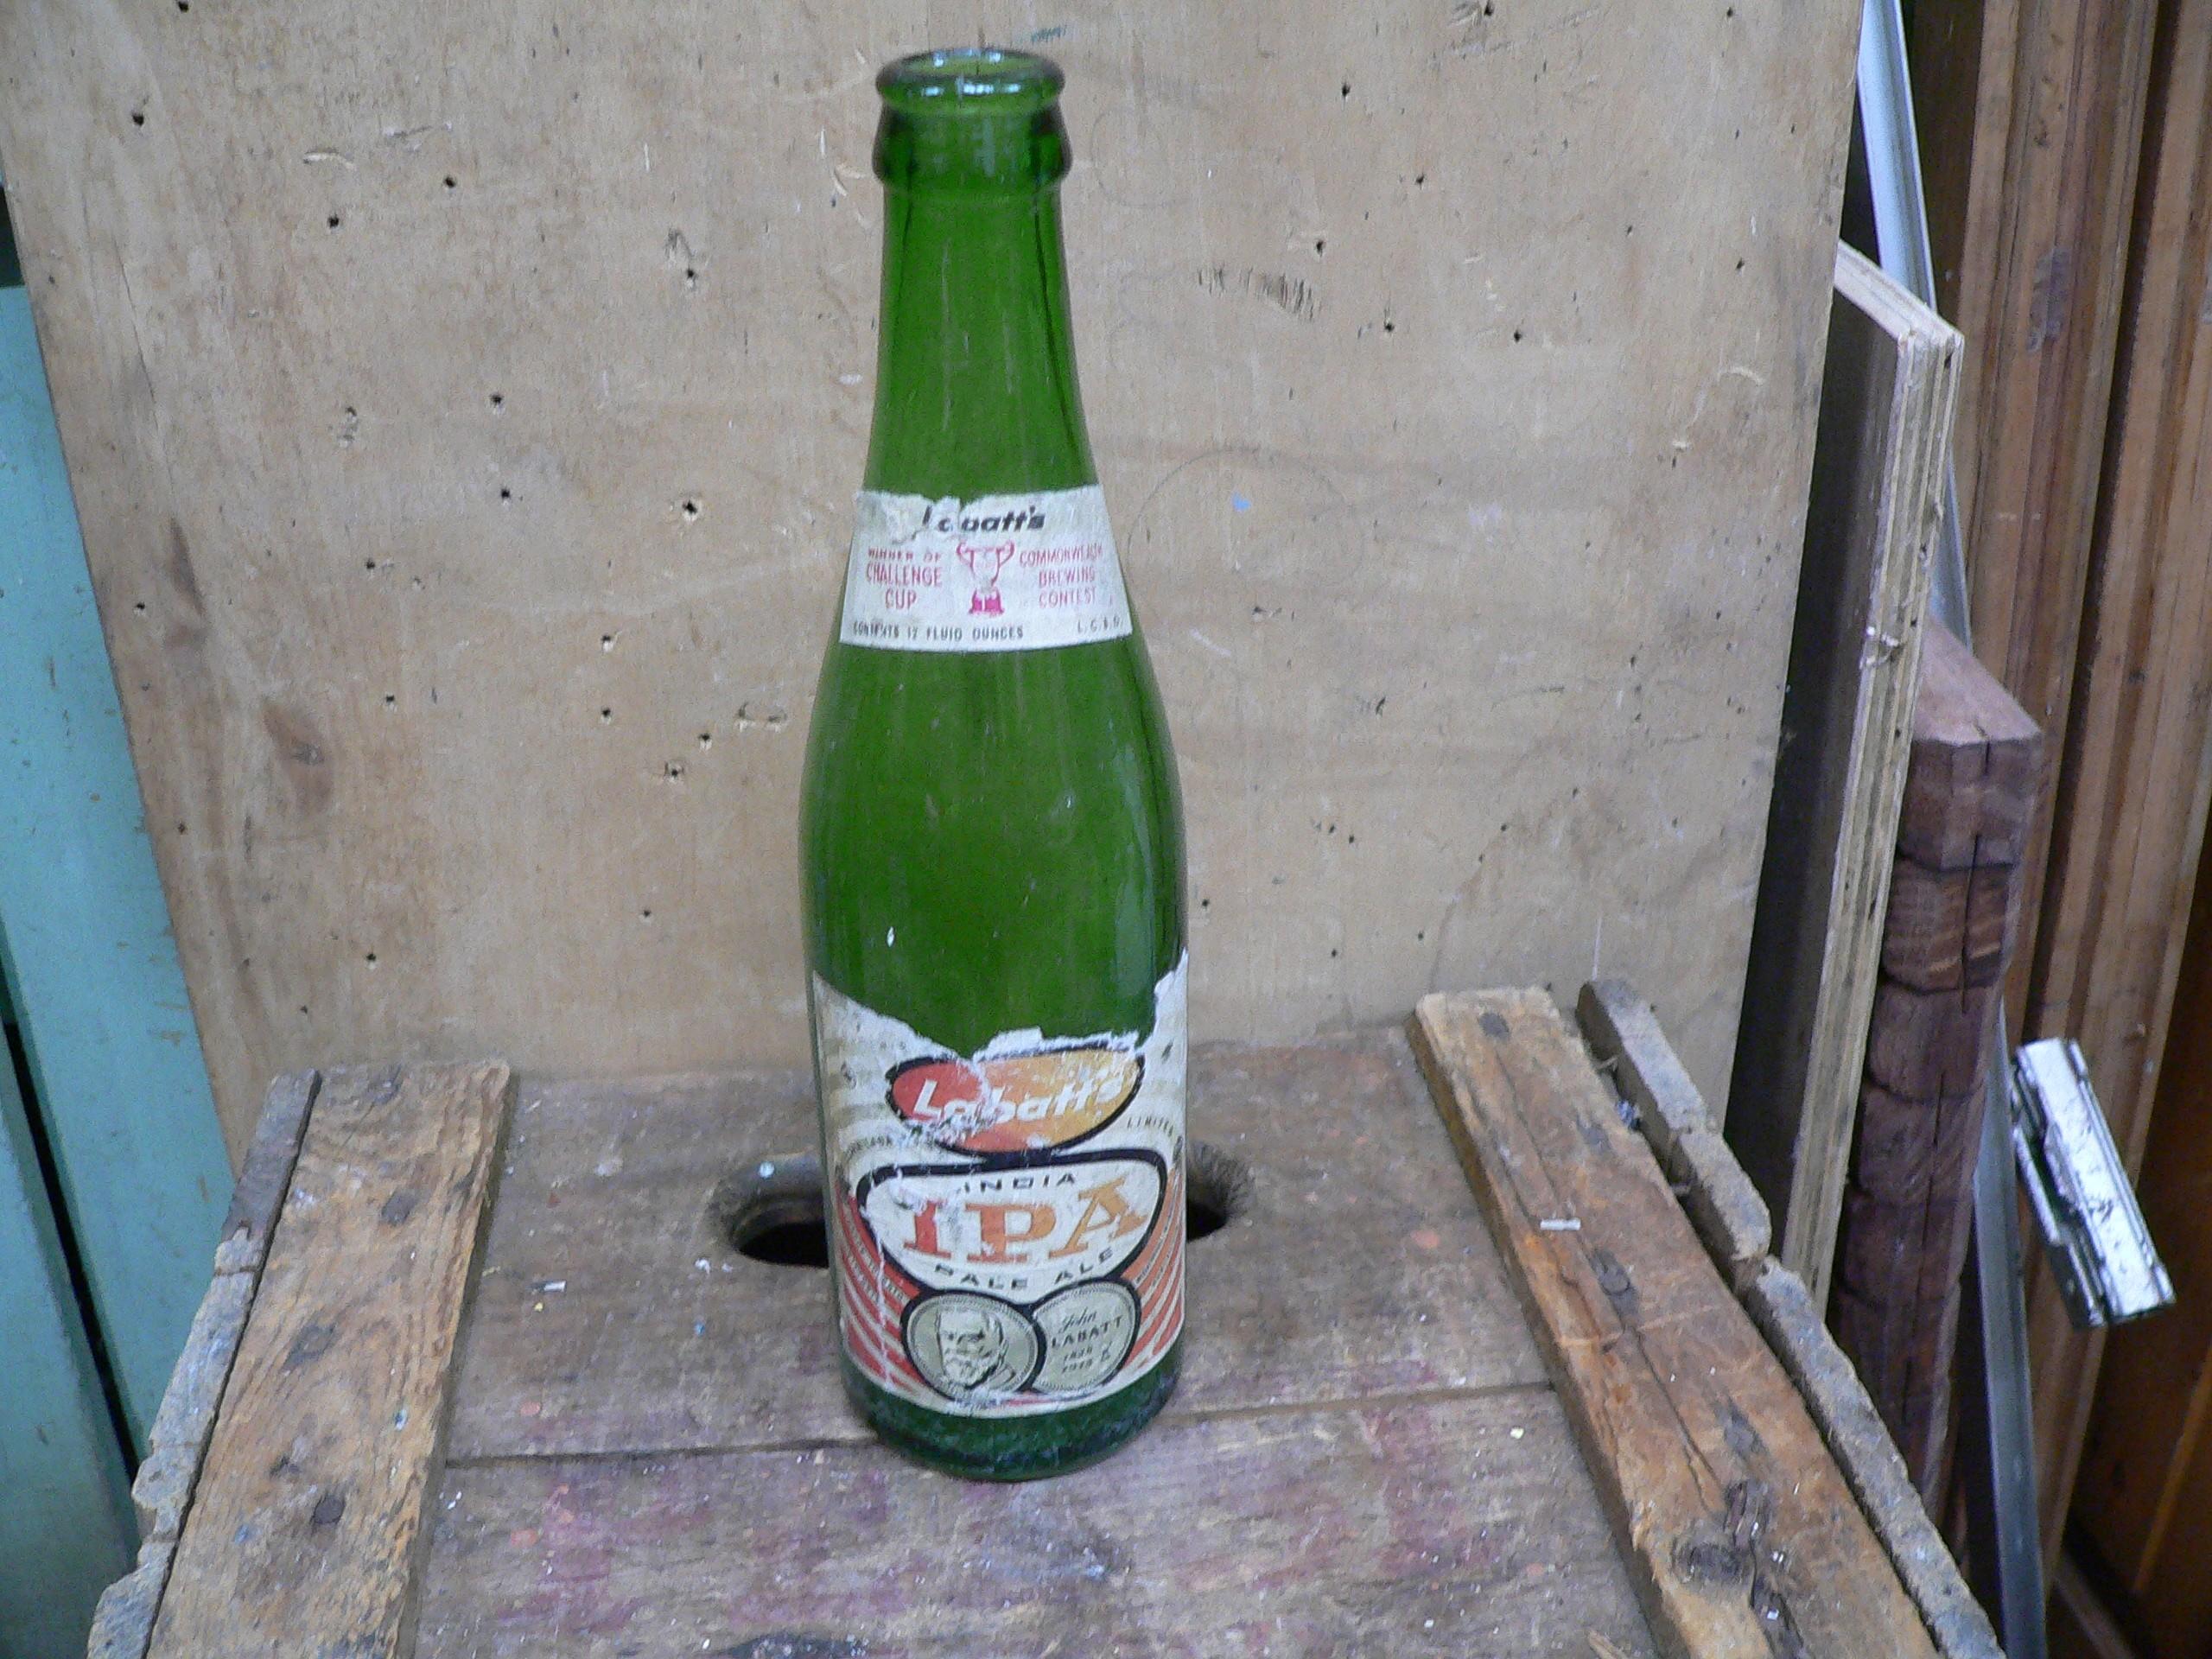 Bouteille bière labatt's IPA # 5920.3